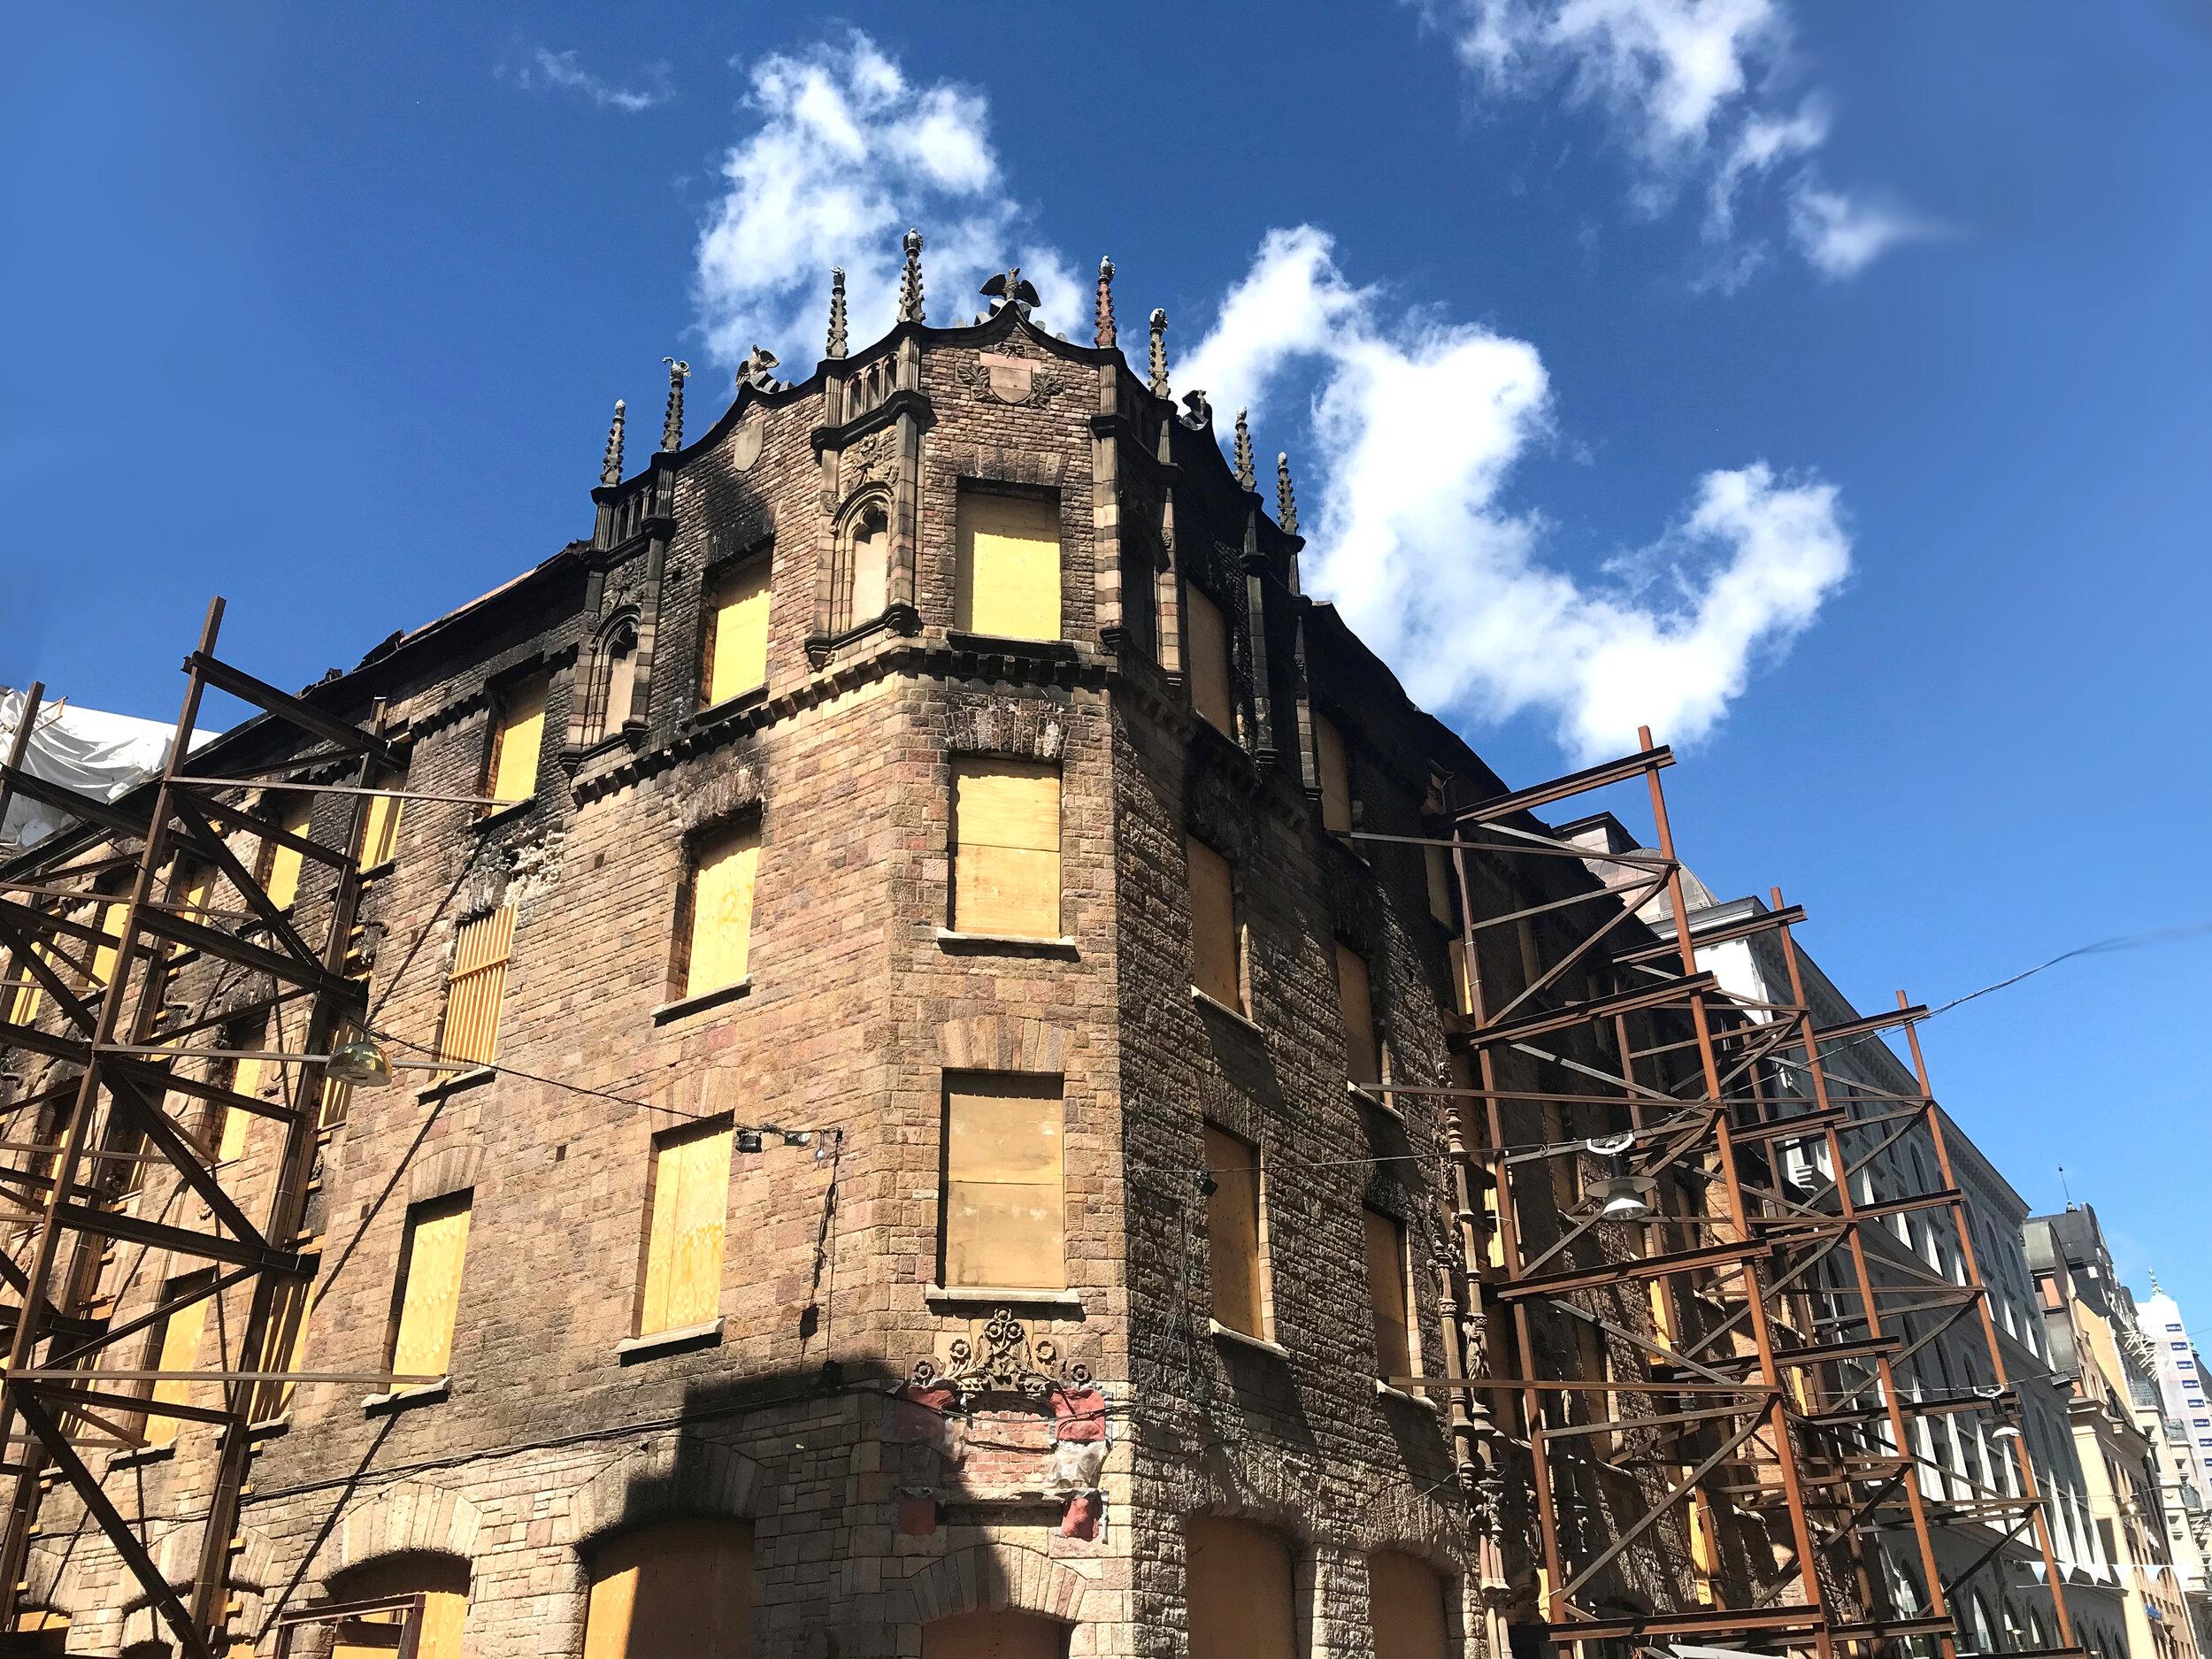 Vildmannen 7 - Fastigheten Vildmannen 7 är belägen i korsningen Biblioteksgatan och Jakobsbergsgatan i Stockholm. I november 2017 utbröt en brand i byggnaden och mer än hälften av Vildmannen 7 blev totalförstörd.